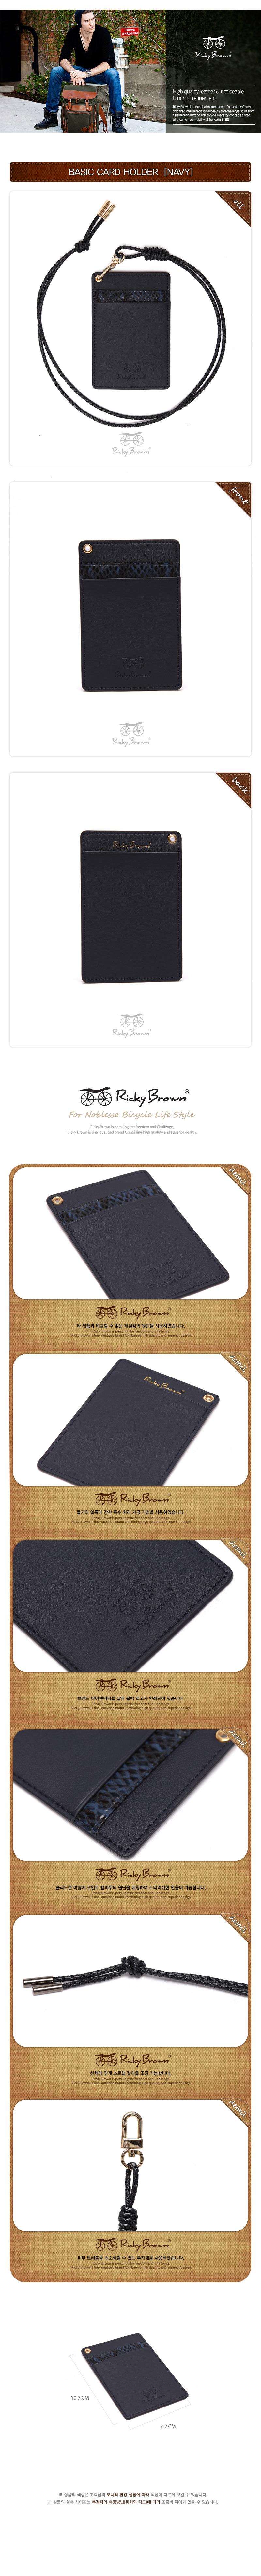 [리키브라운]RICKY BROWN - Basic Card Holder (NAVY)